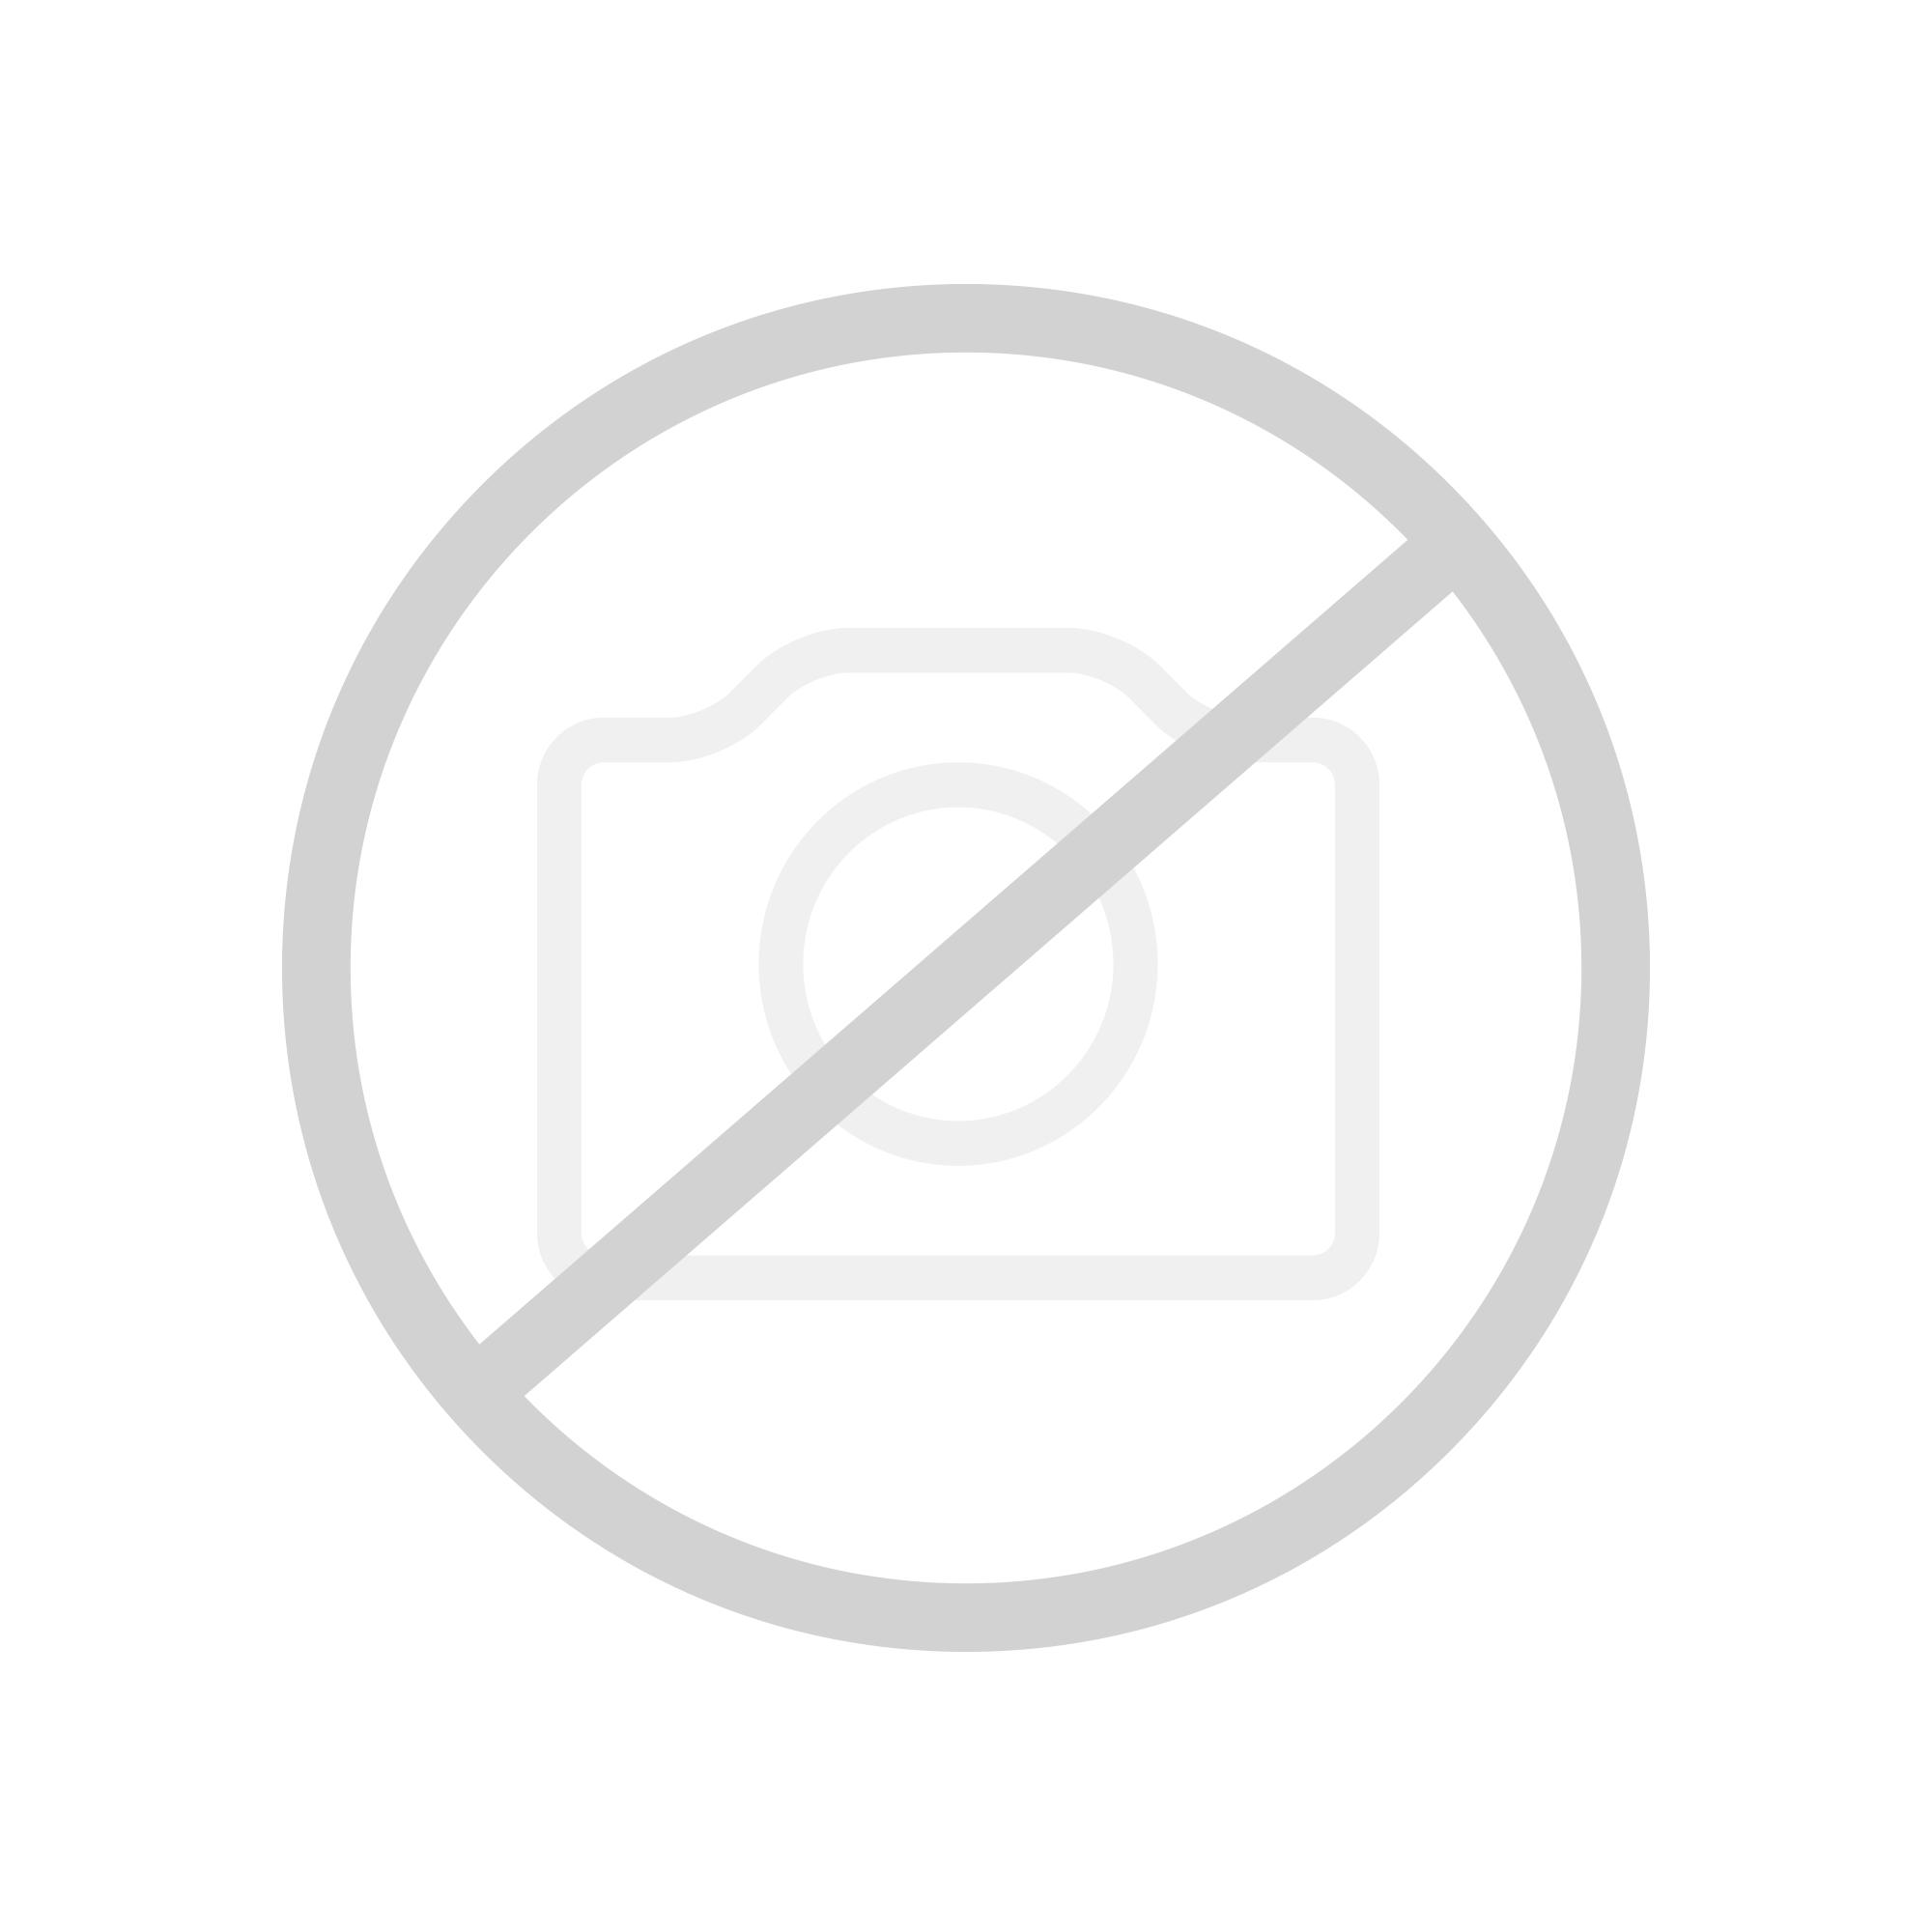 antoniolupi Bikappa BK400 Eingriffmischer für Waschtisch oder Bidet